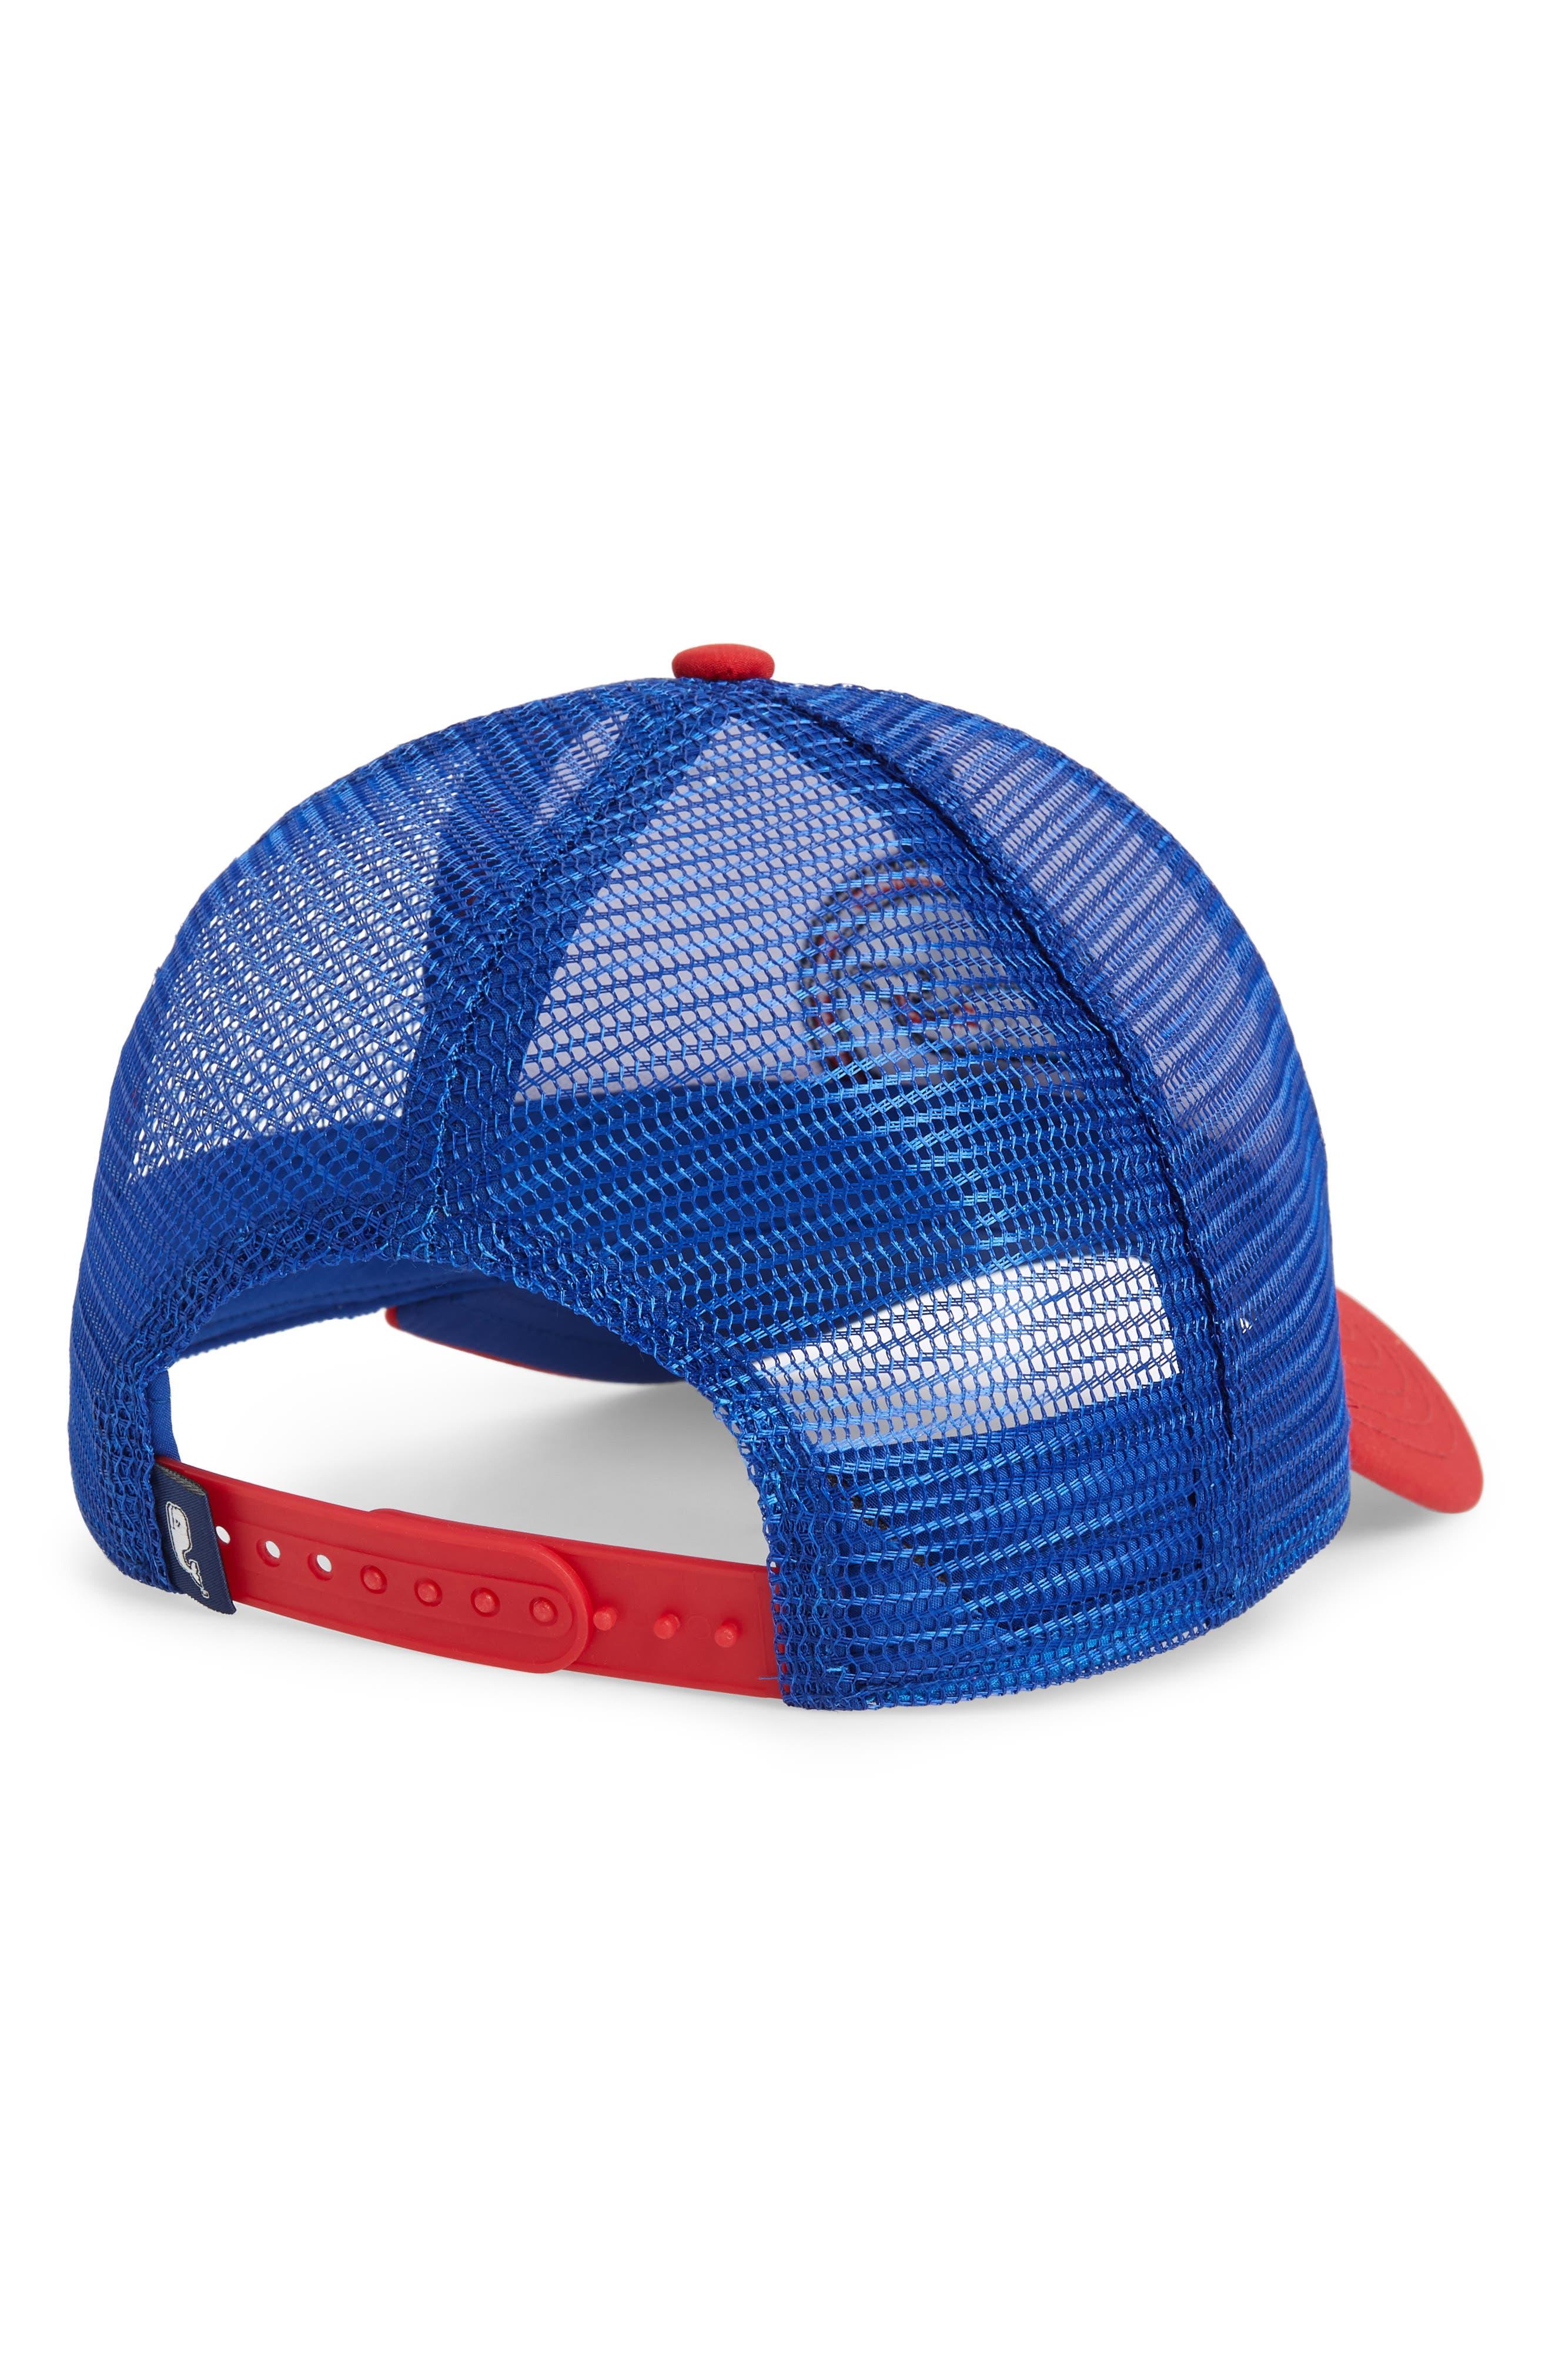 Low Pro Trucker Hat,                             Alternate thumbnail 2, color,                             WHITE CAP